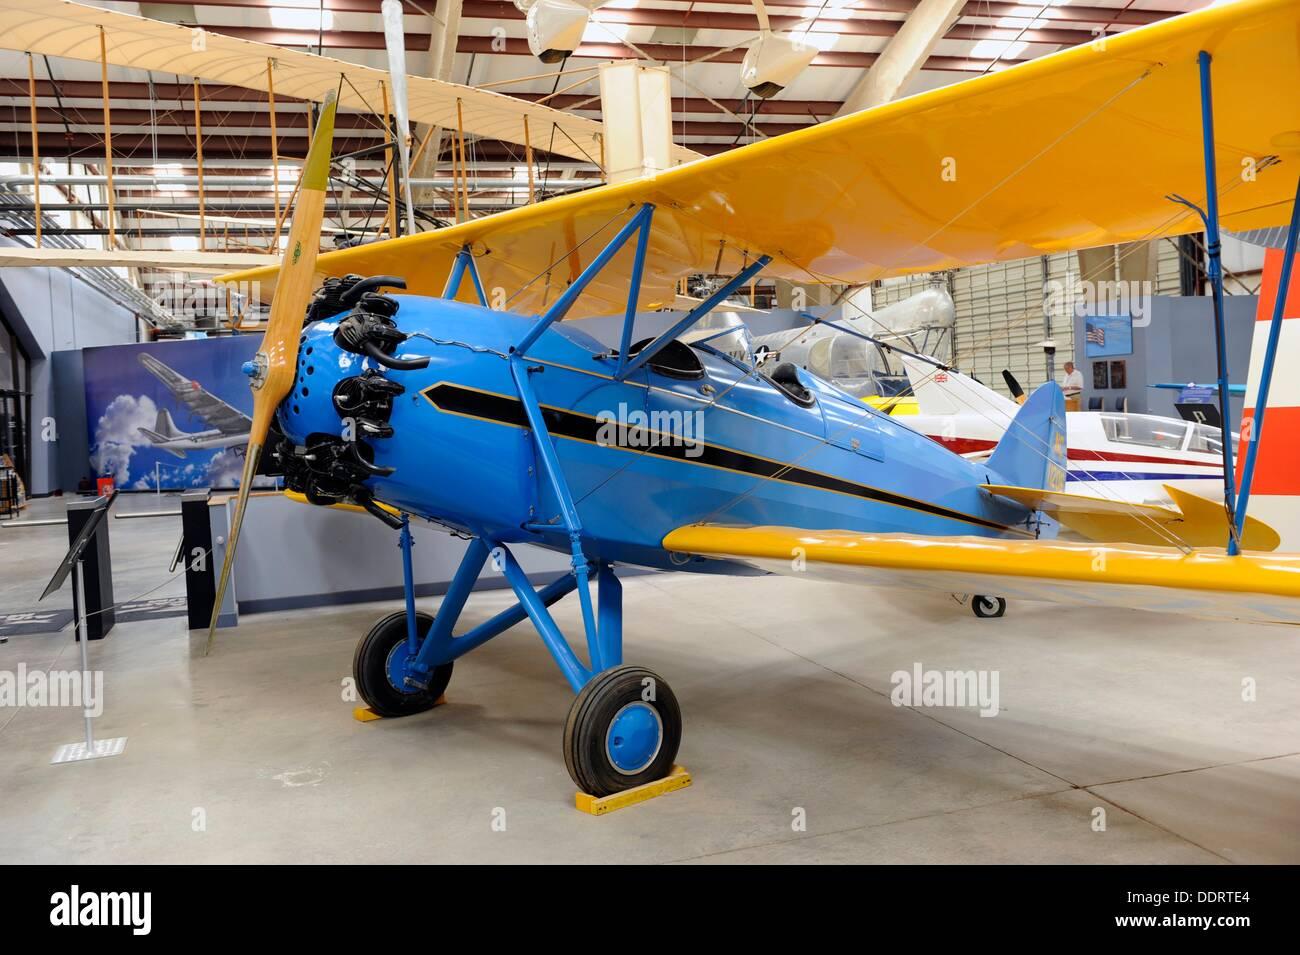 Waco RNF biplano civile al Pima Air & Space Museum di Tucson in Arizona Immagini Stock